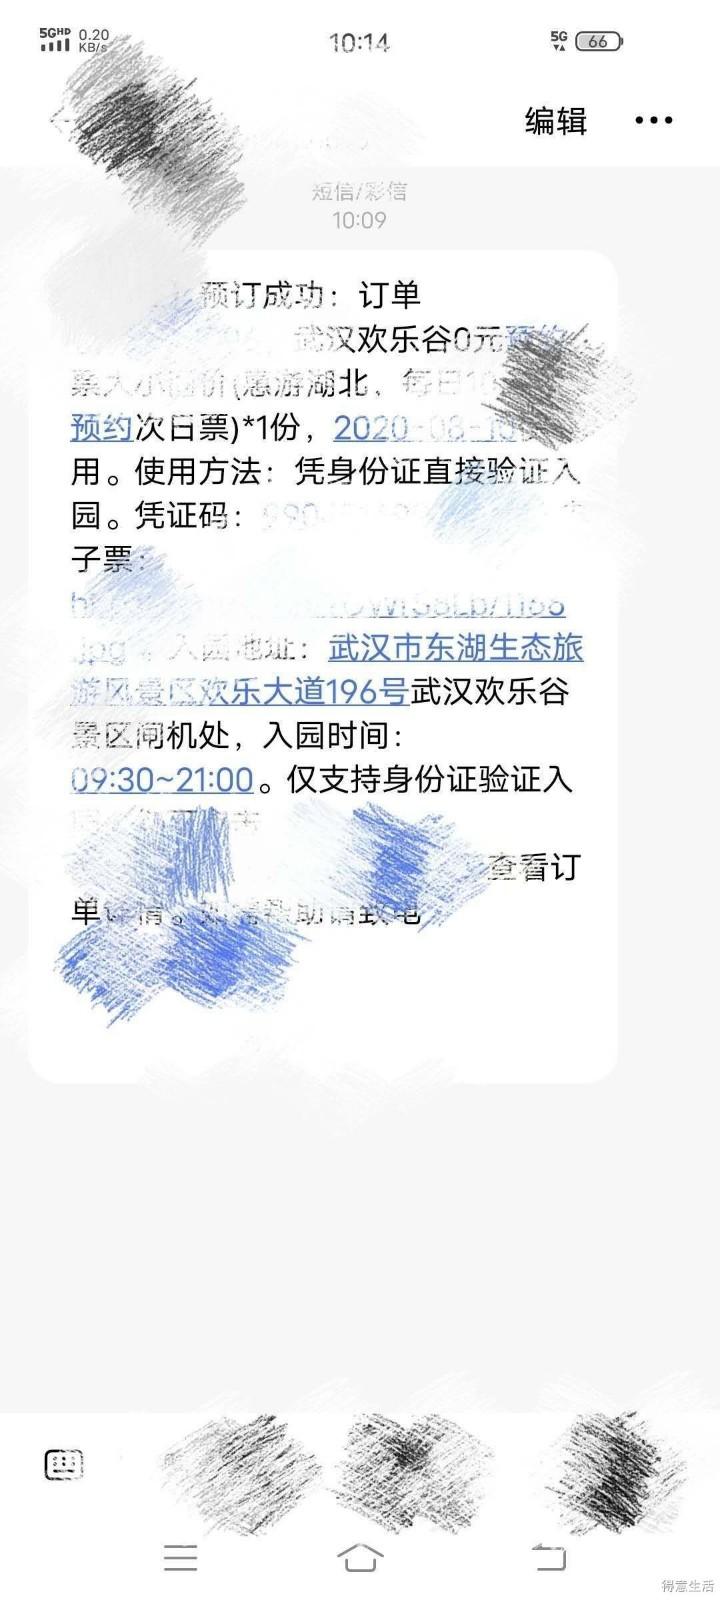 免费玩转大武汉,东湖海洋世界+欢乐谷,居然都约到了!